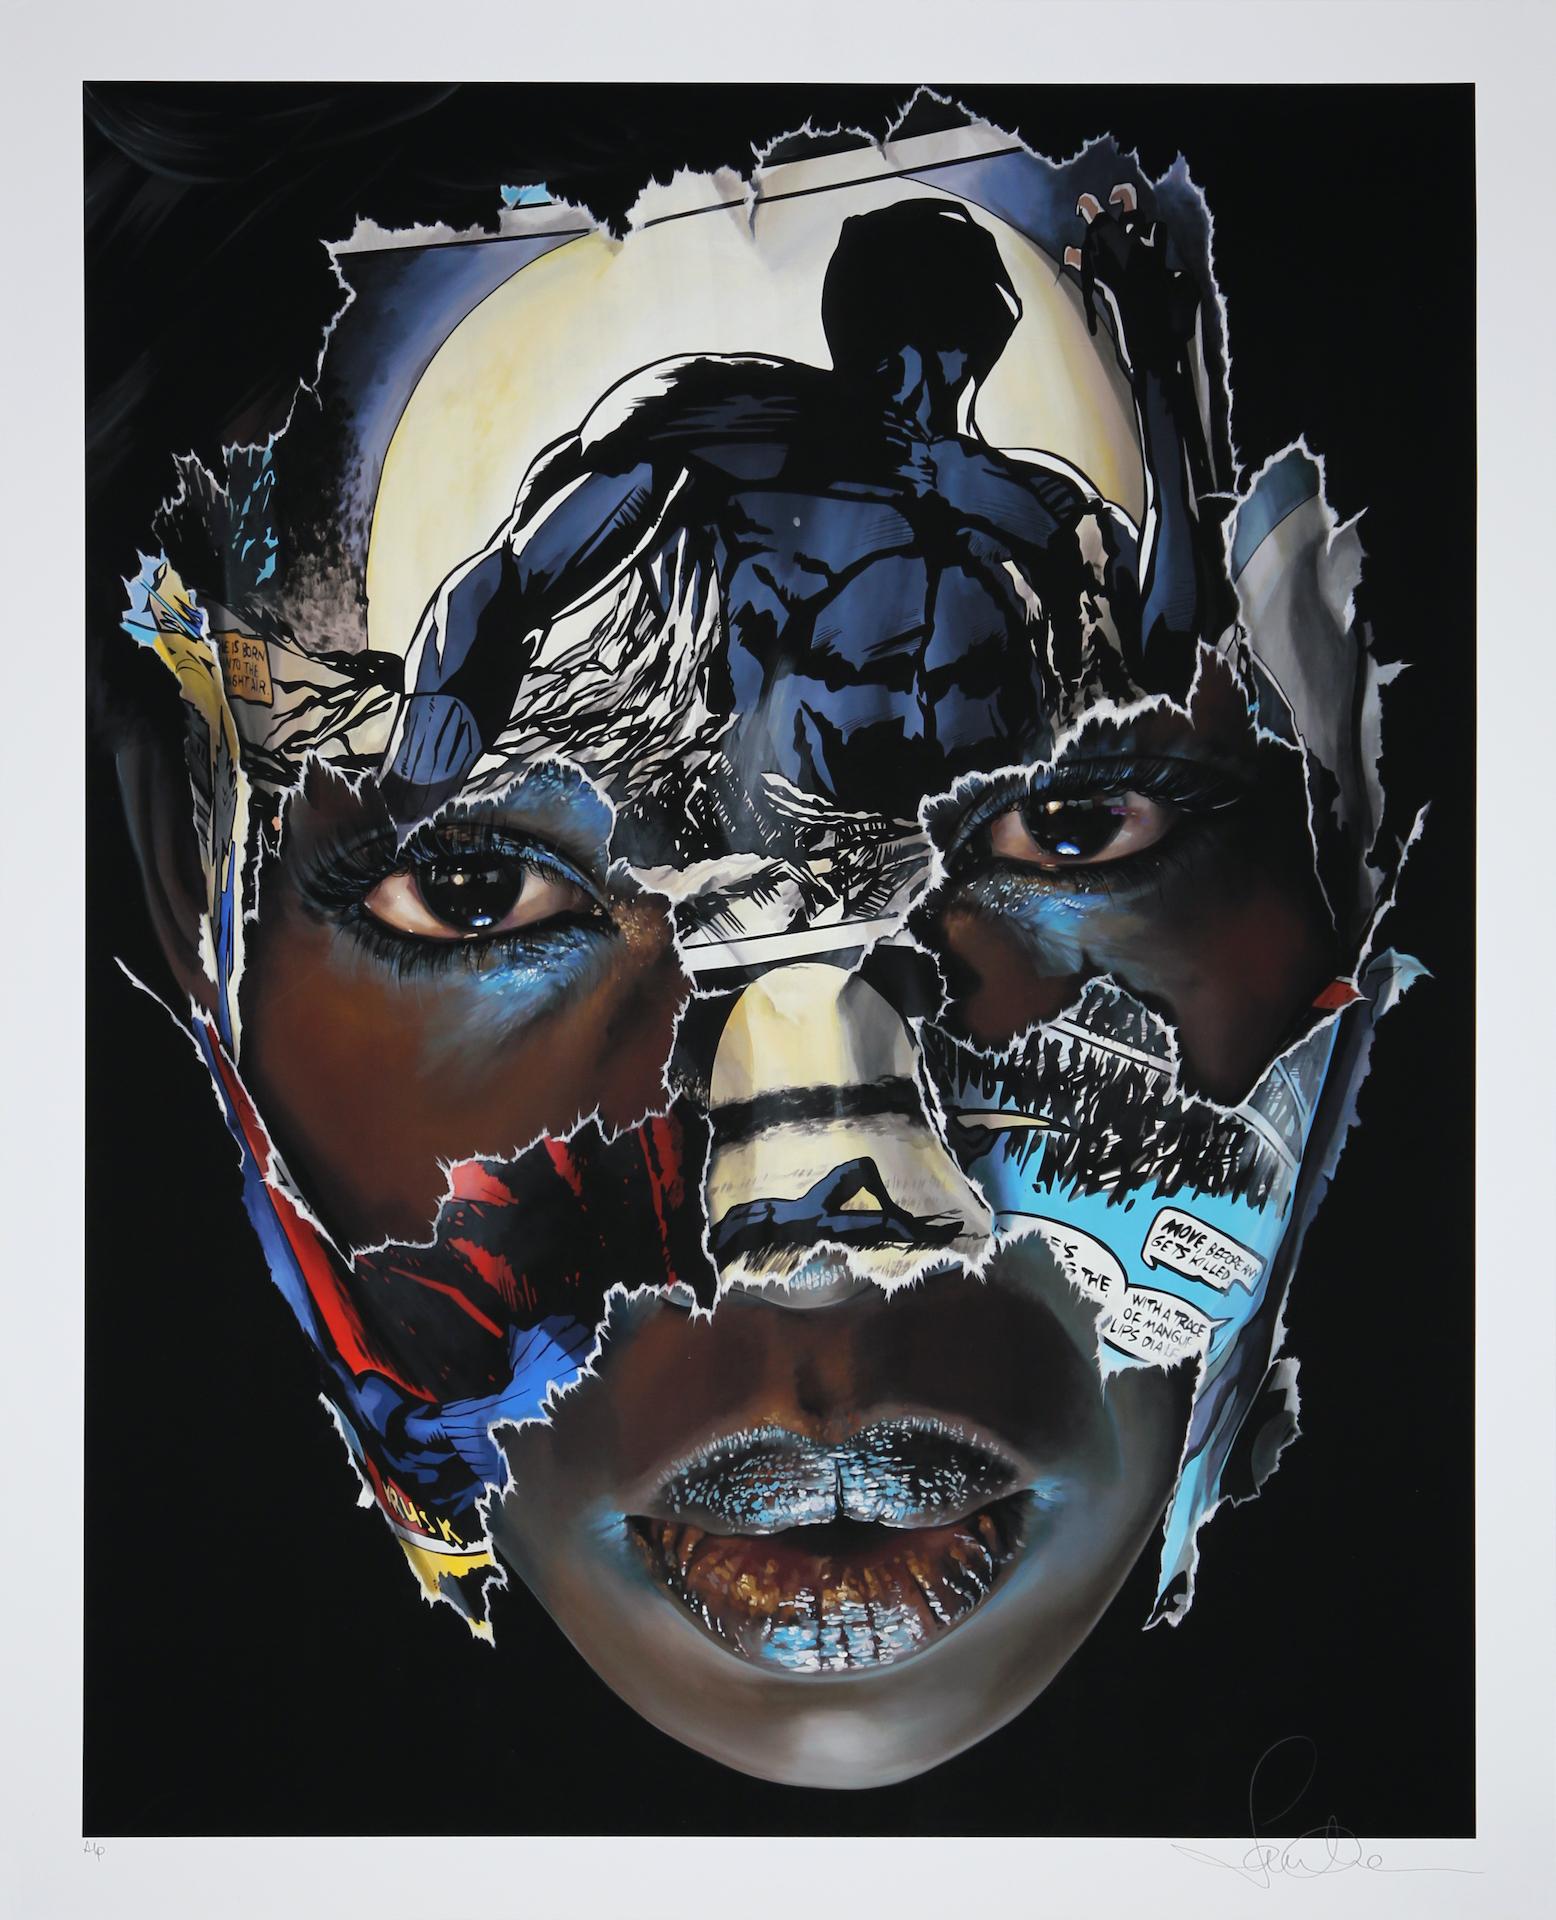 Sandra Chevrier - La Cage- Ces Yeux Pleins De Lumiere (Black Panther).jpg